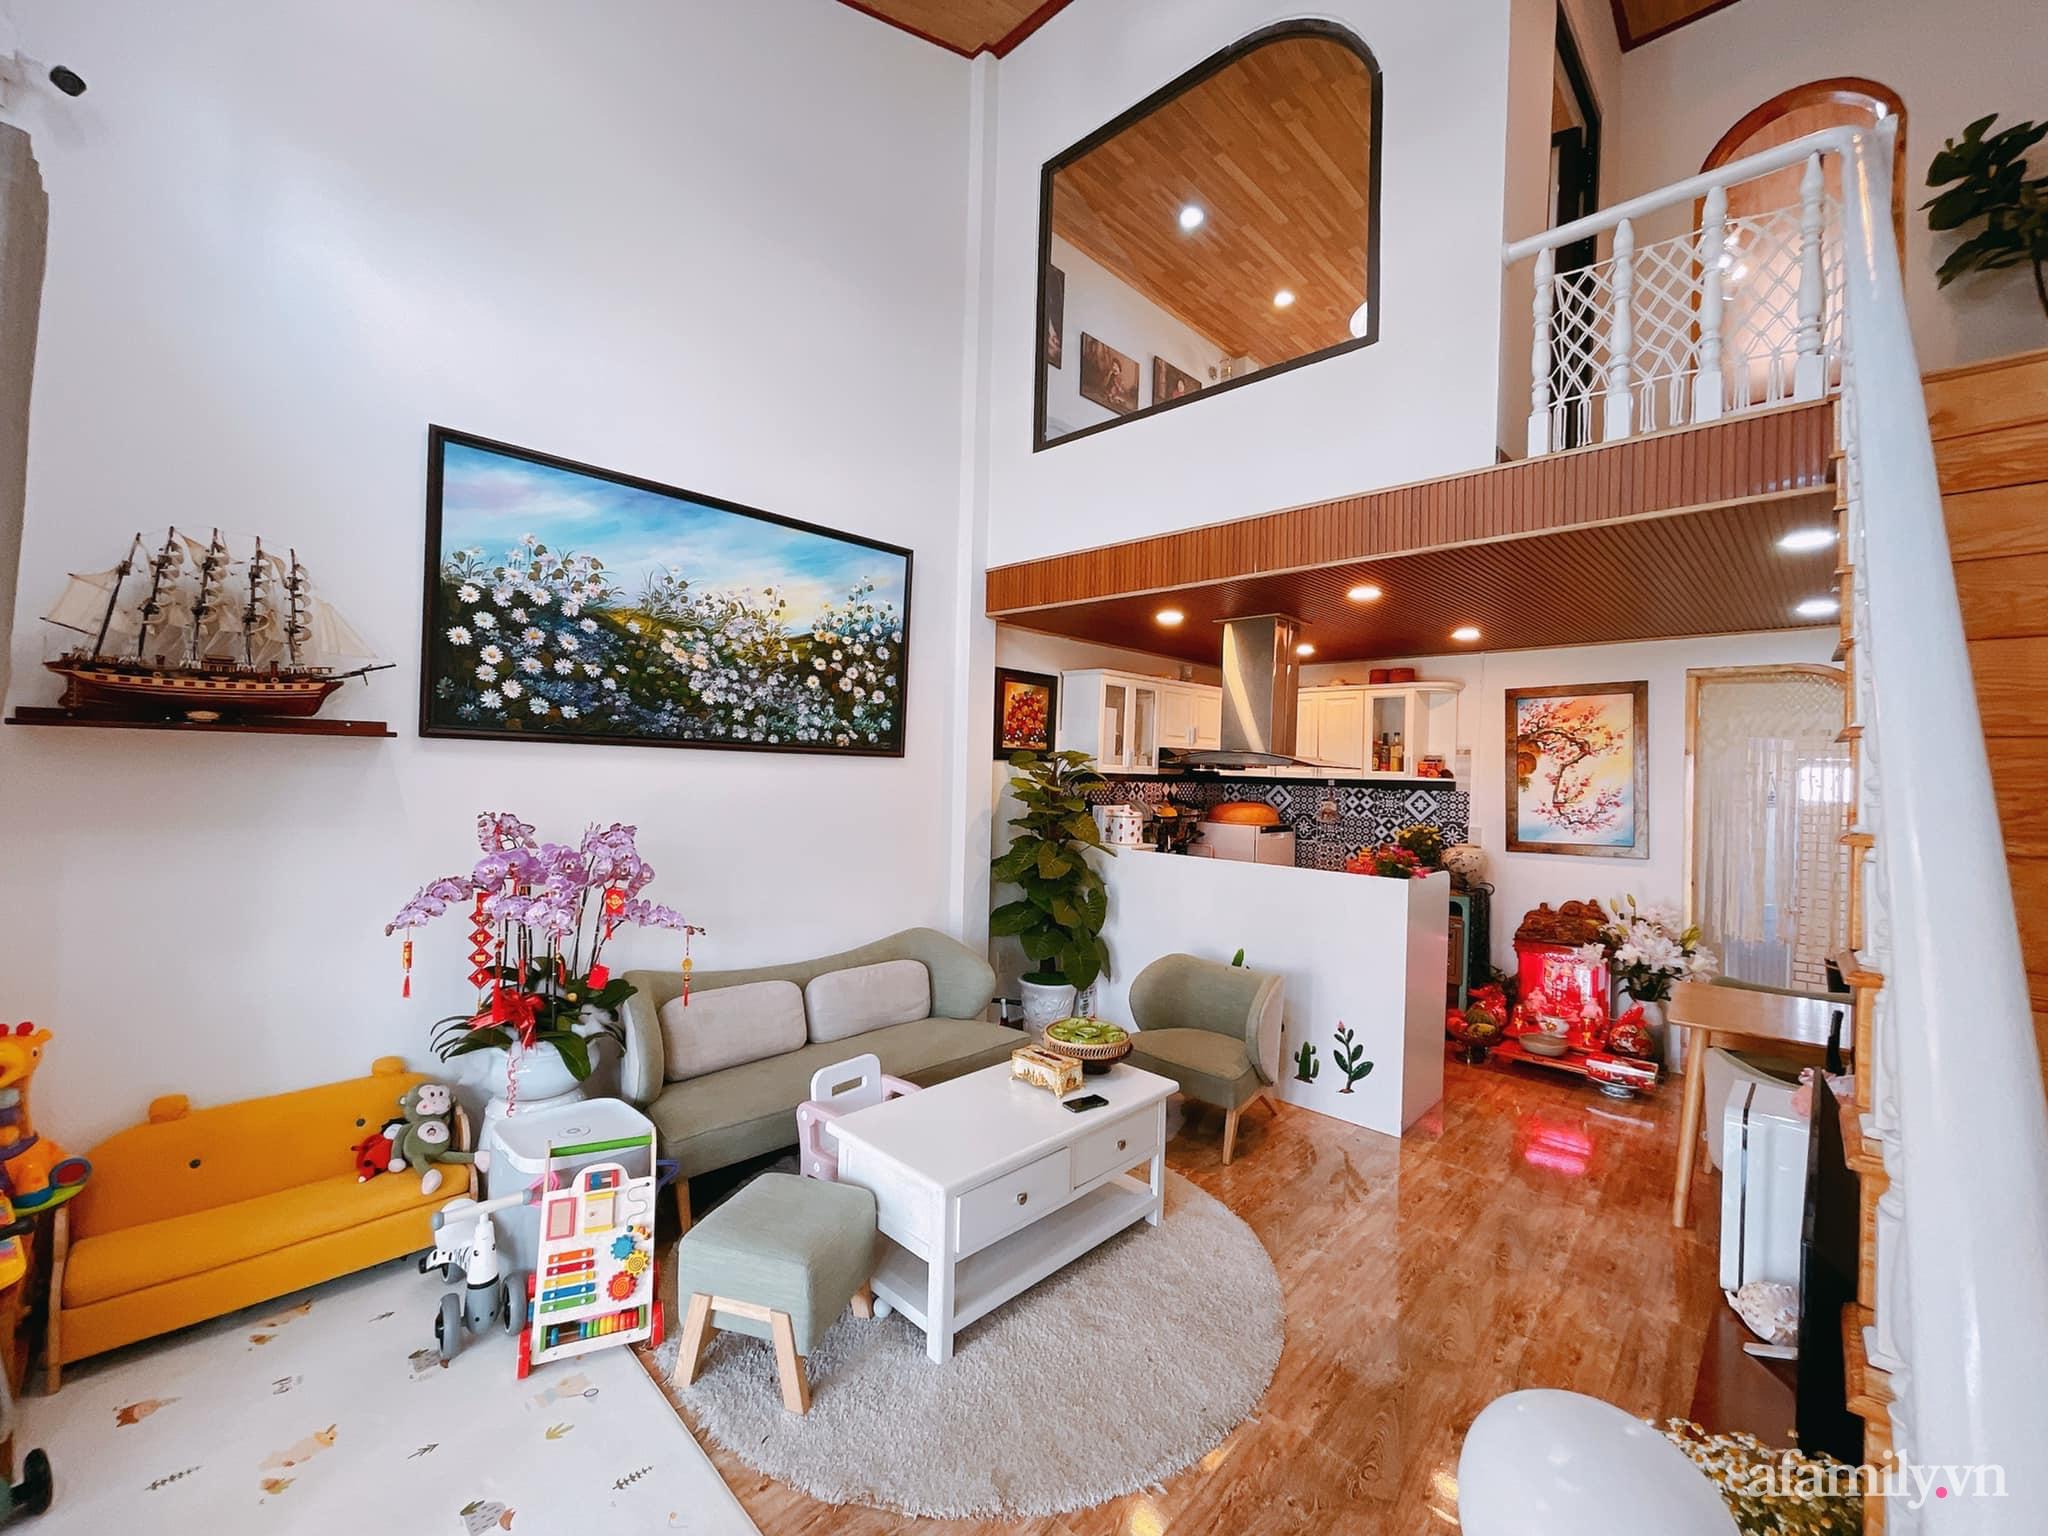 Mua lại căn nhà 63m², cặp vợ chồng trẻ cải tạo thành không gian sống ấm cúng, tiện nghi đủ đường ở Đà Lạt - Ảnh 9.